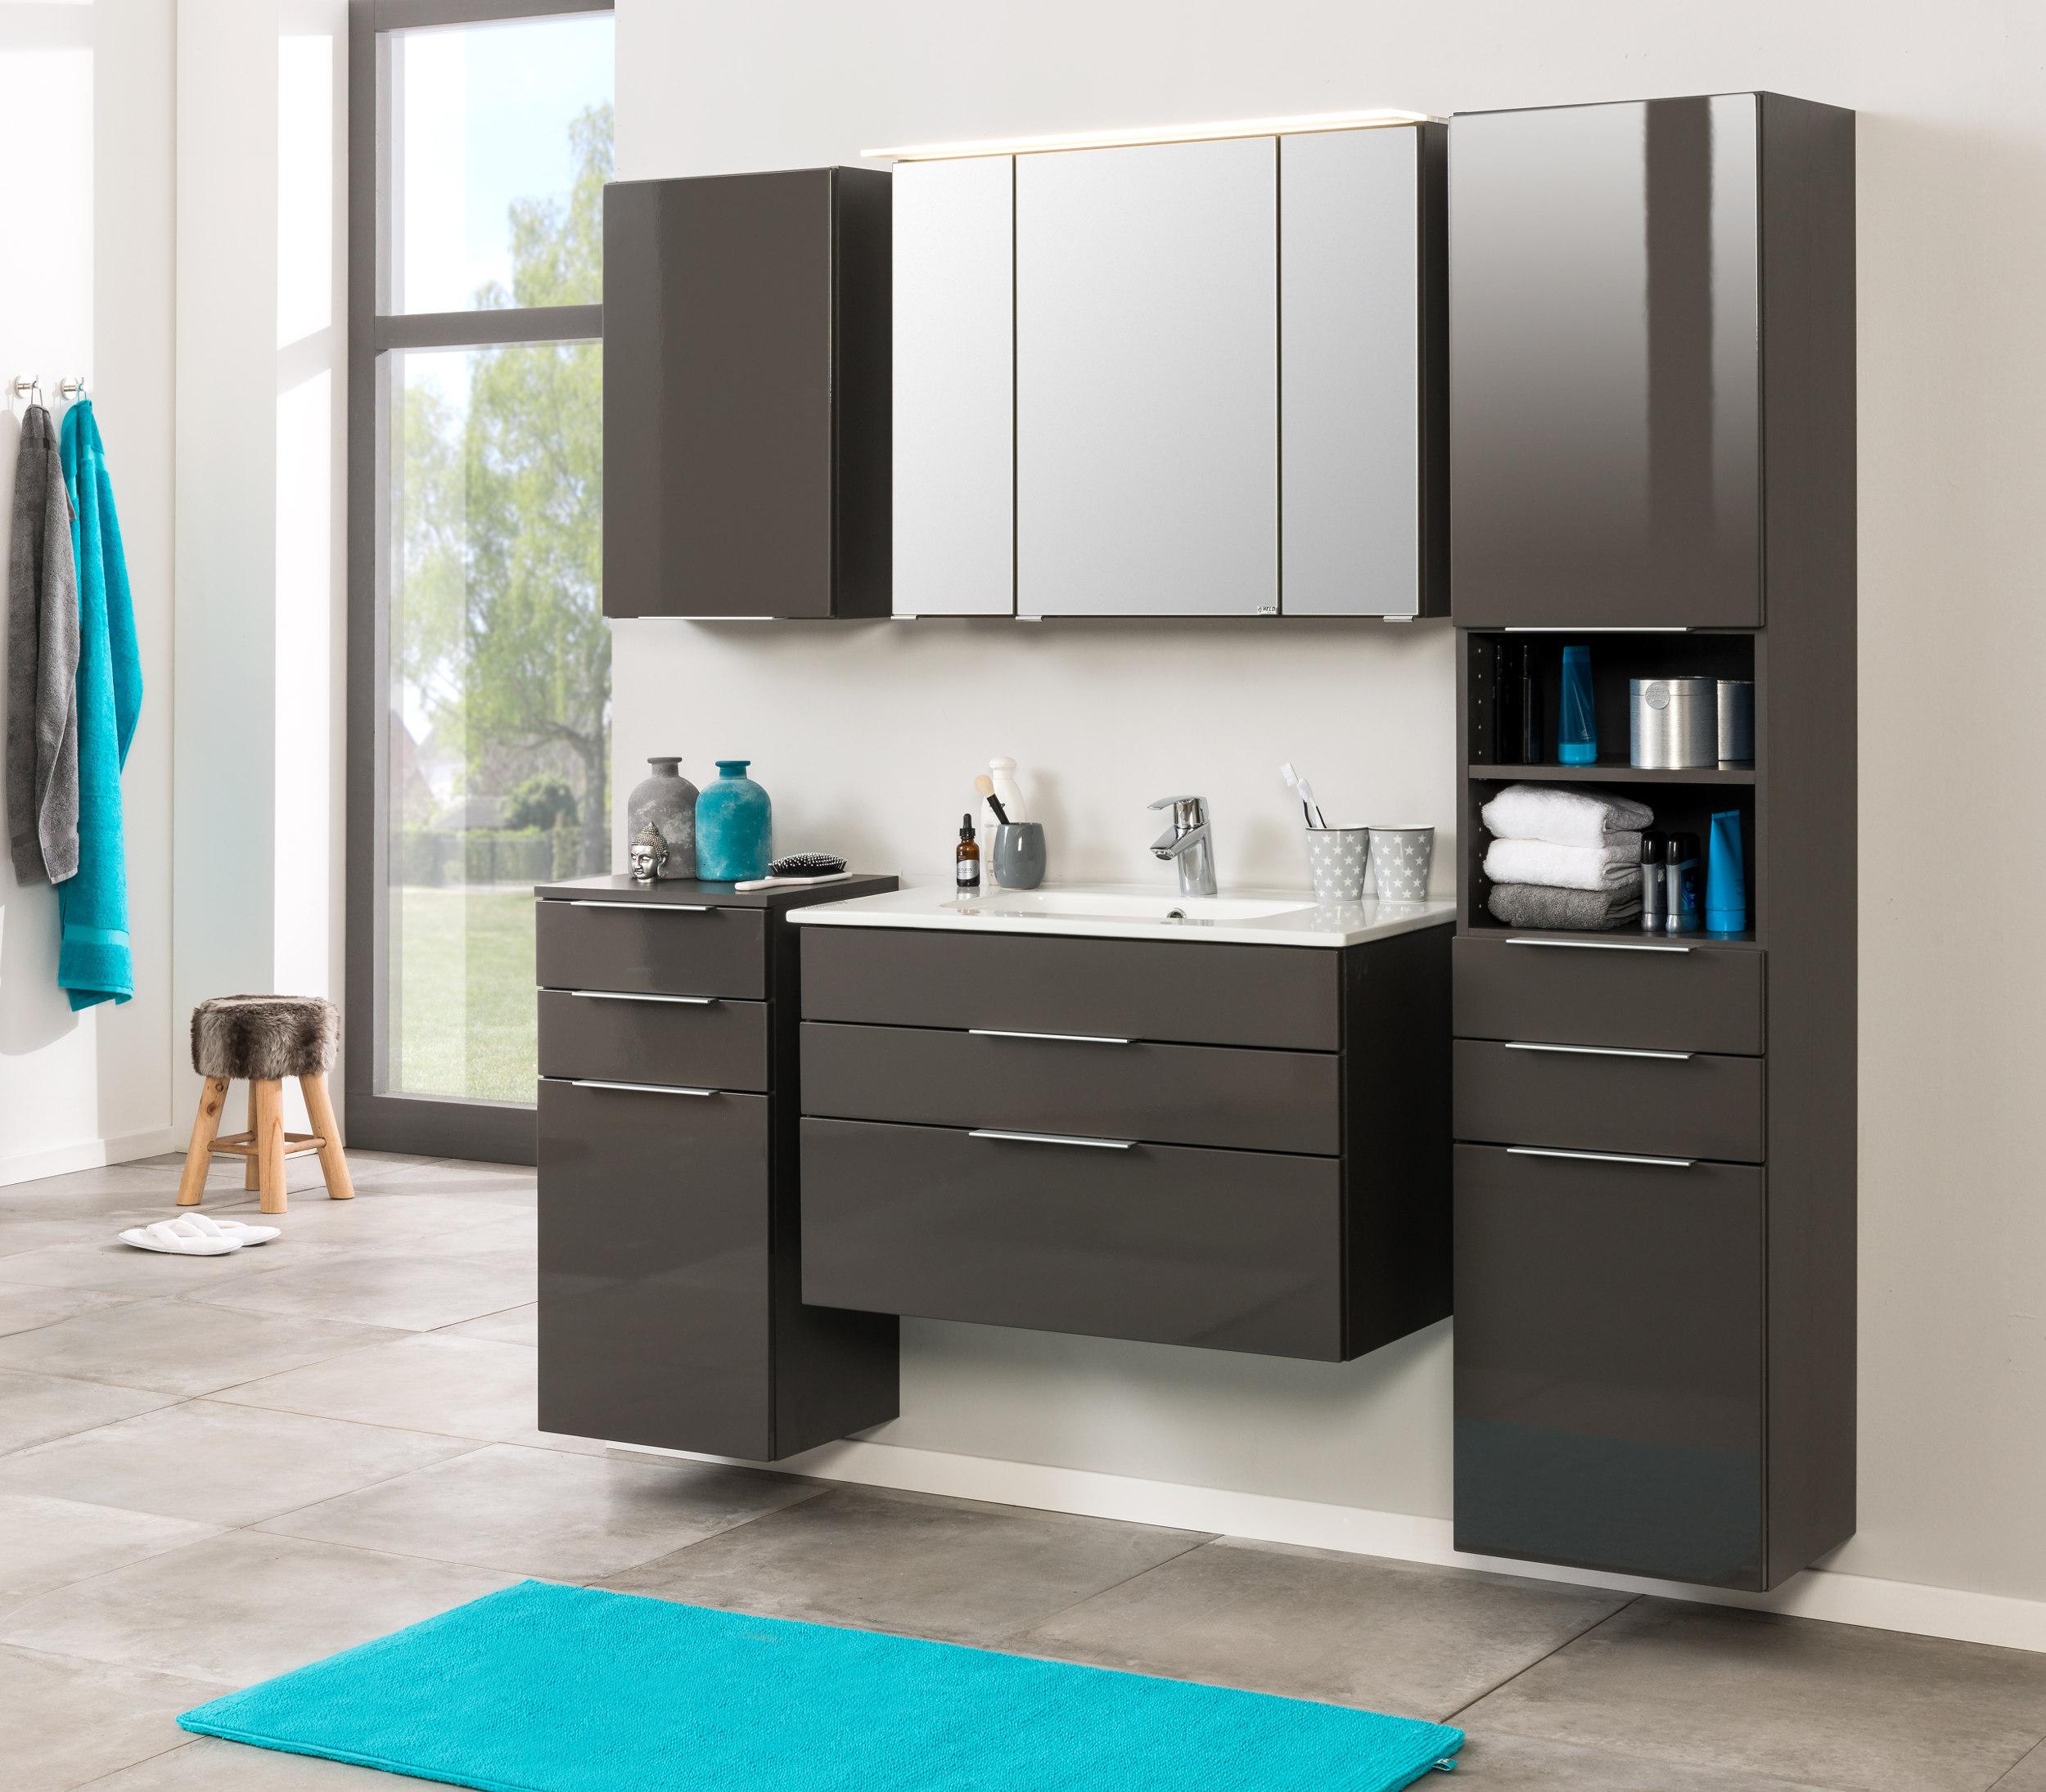 bad h ngeschrank ravello 1 t rig 40 cm breit grau bad bad h ngeschr nke. Black Bedroom Furniture Sets. Home Design Ideas